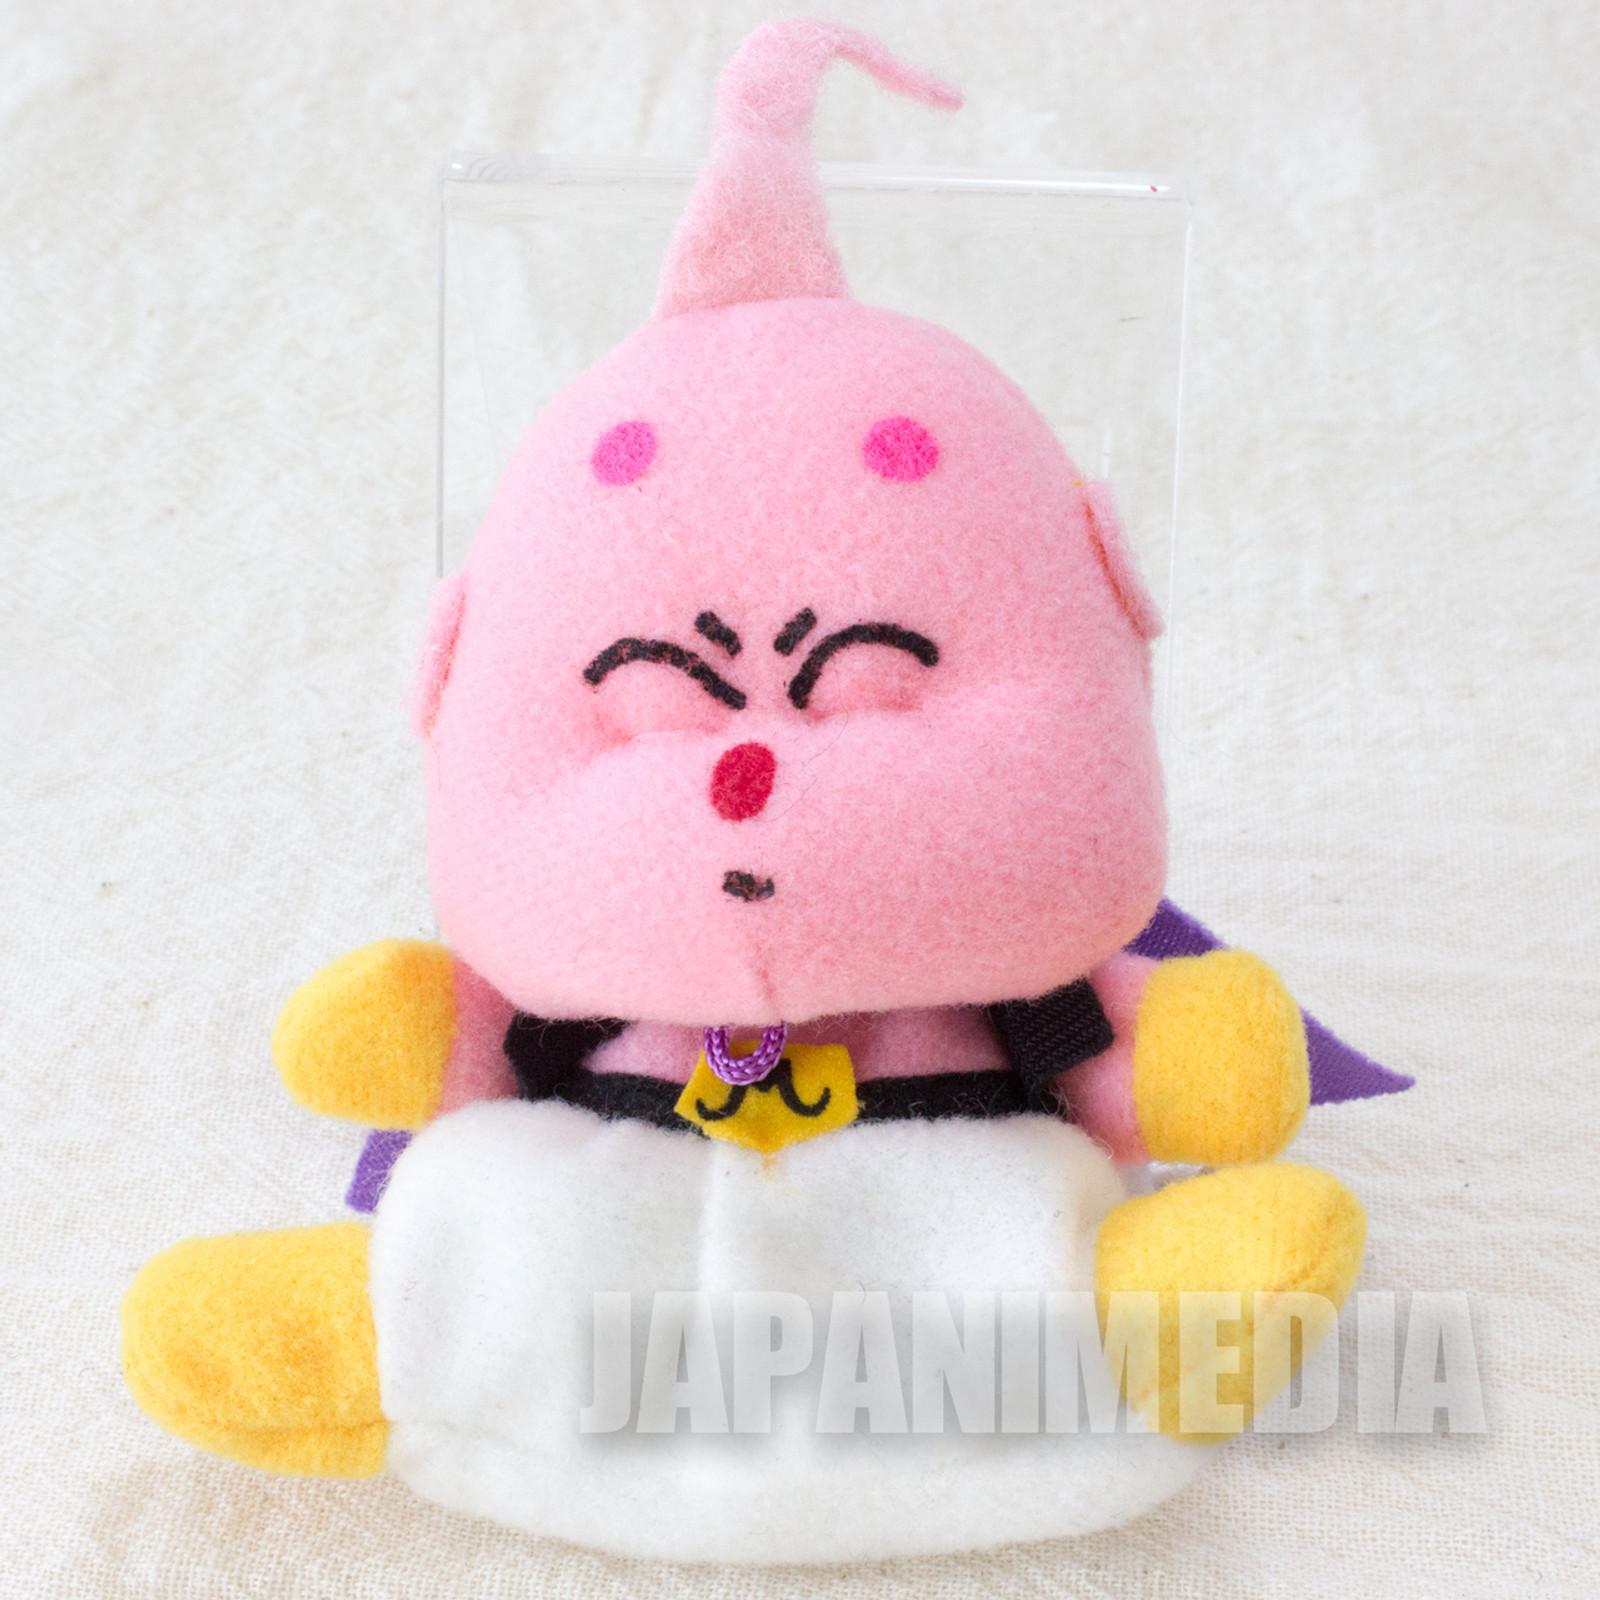 """Dragon Ball Z Majin Buu Mini Plush Doll 3"""" Keychain Banpresto JAPAN ANIME"""